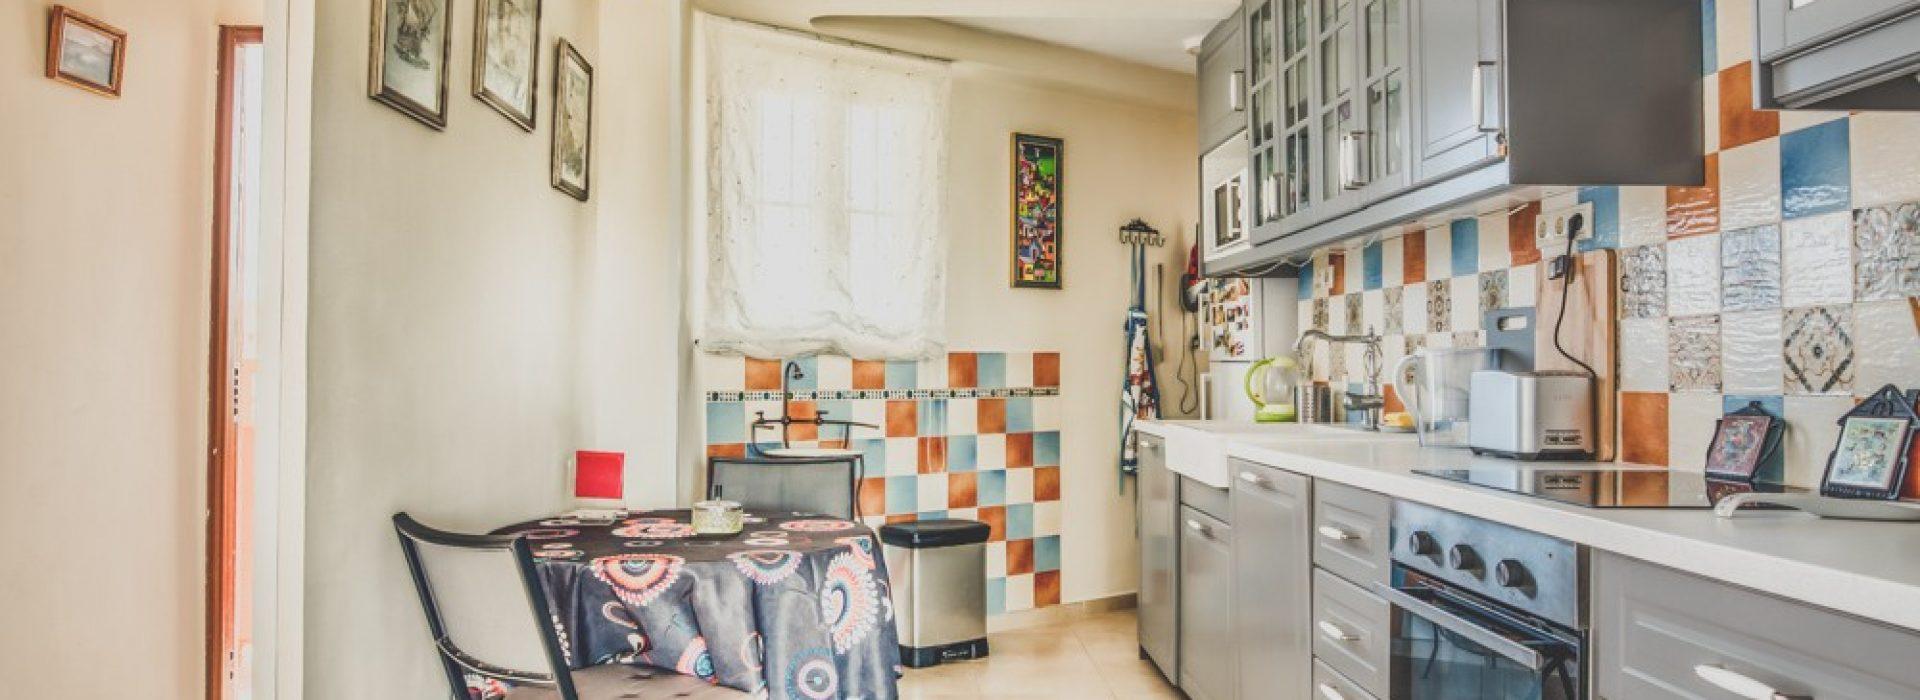 piekny-apartament-z-widokiem-na-jezioro-i-morze-w-calpe-4-24134